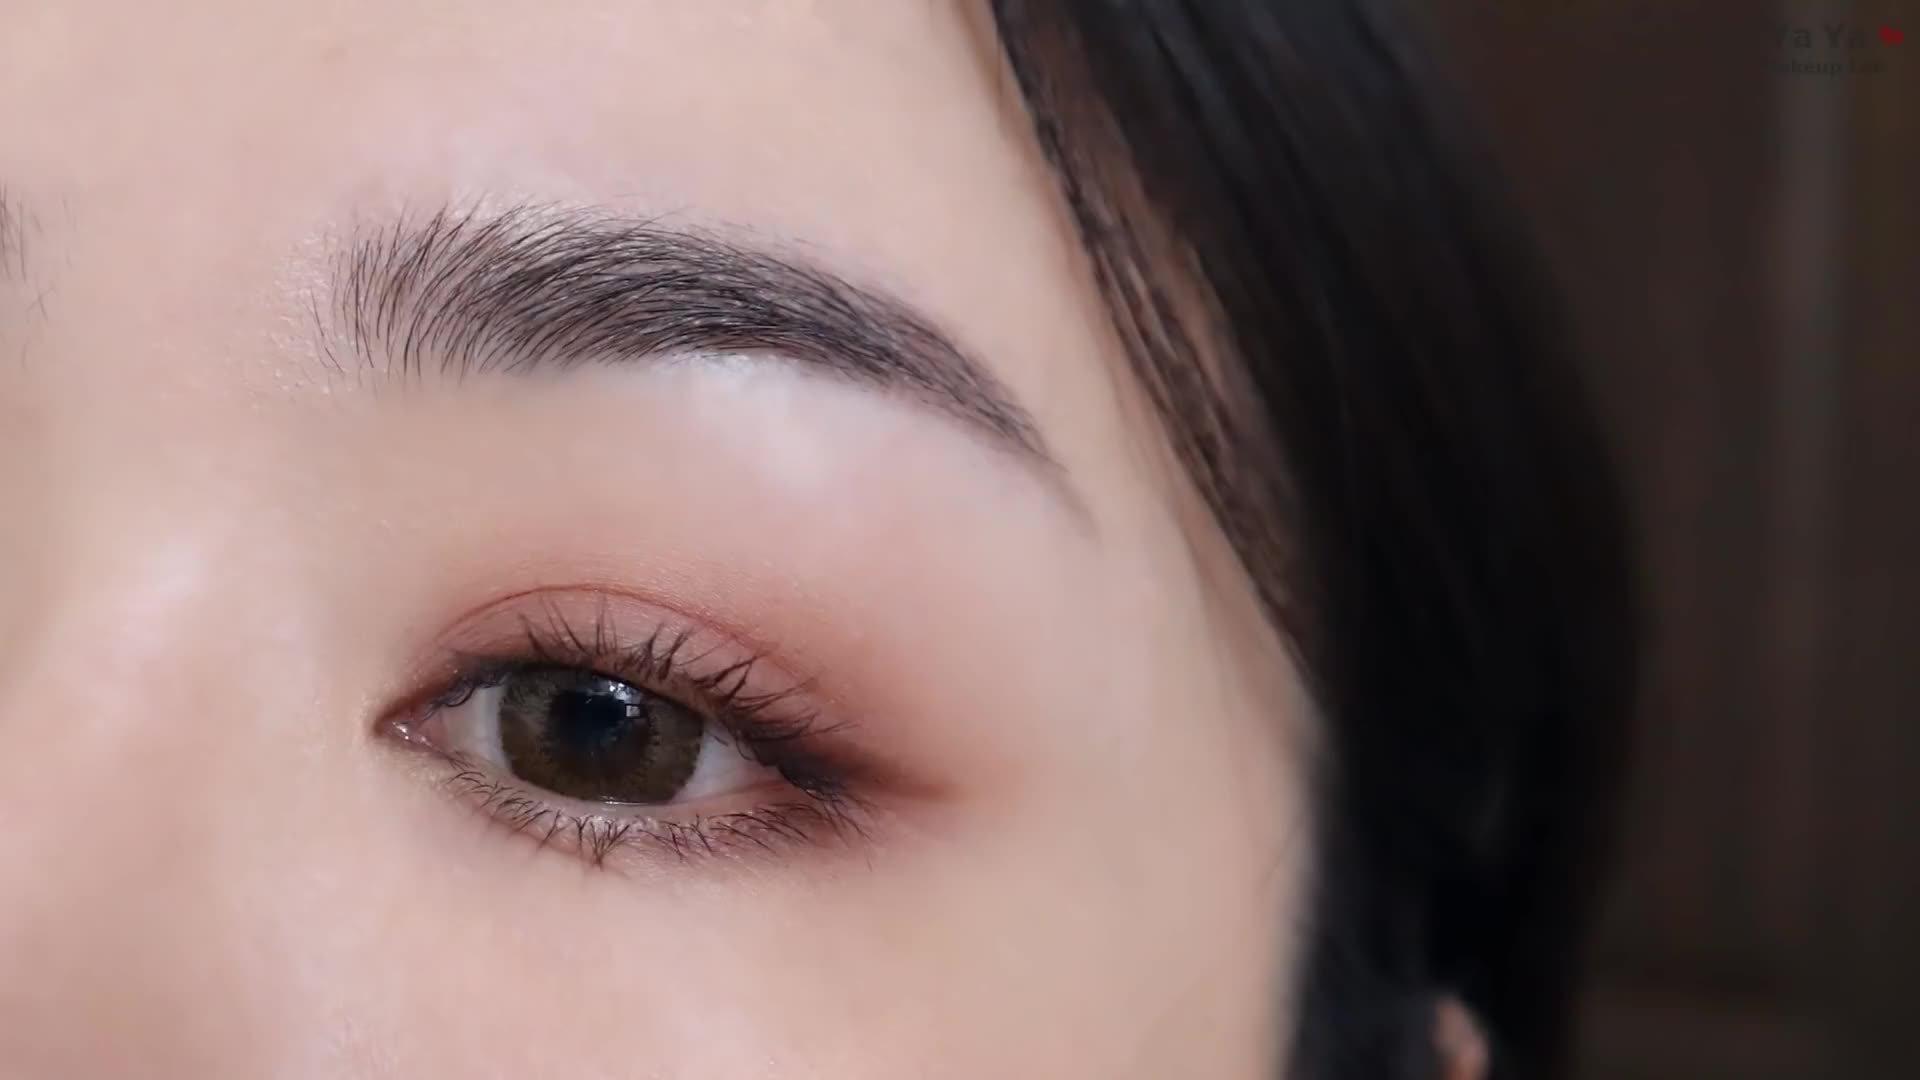 化妆小白也能轻松上手的入门眼妆,哑光配色消肿又气质